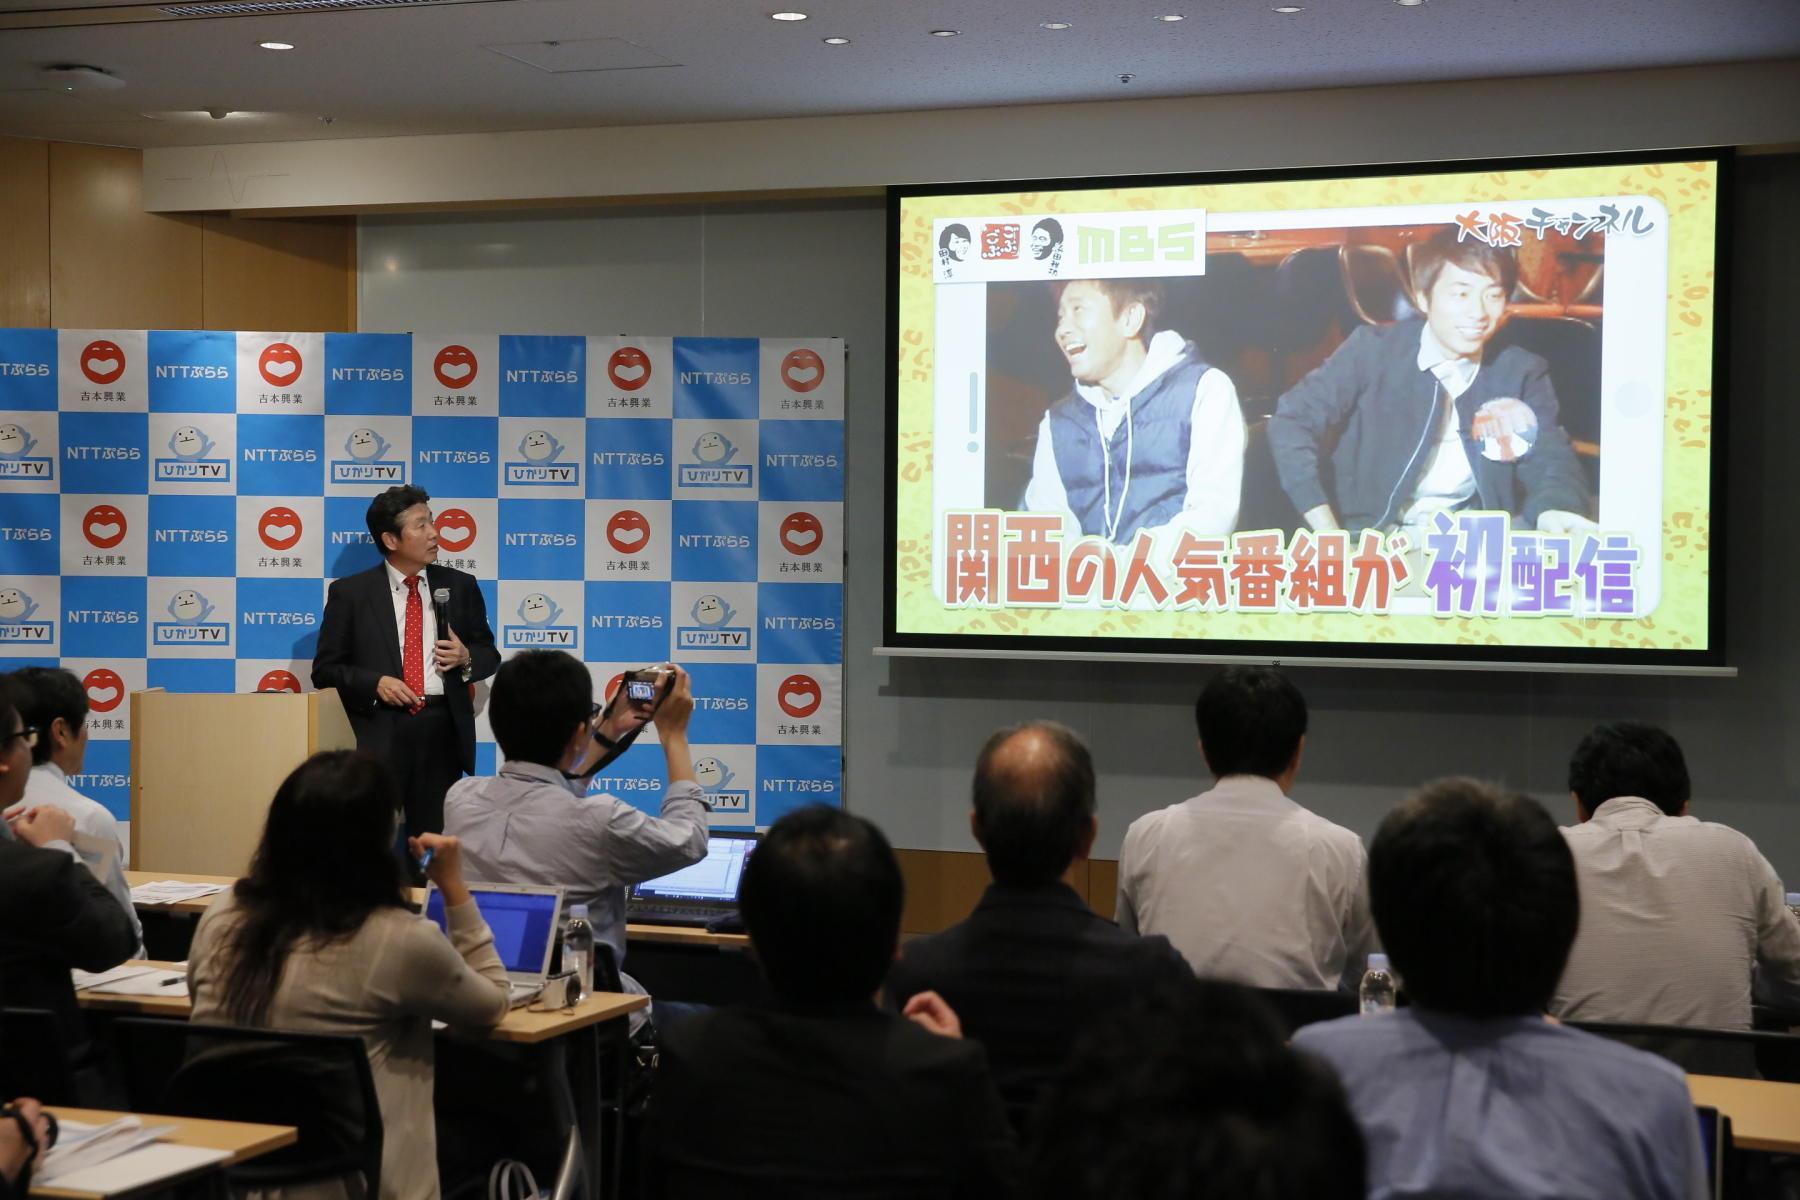 http://news.yoshimoto.co.jp/20170420225101-d8eeee15e61146cbb6bf0a9de114e1a4b6564656.jpg